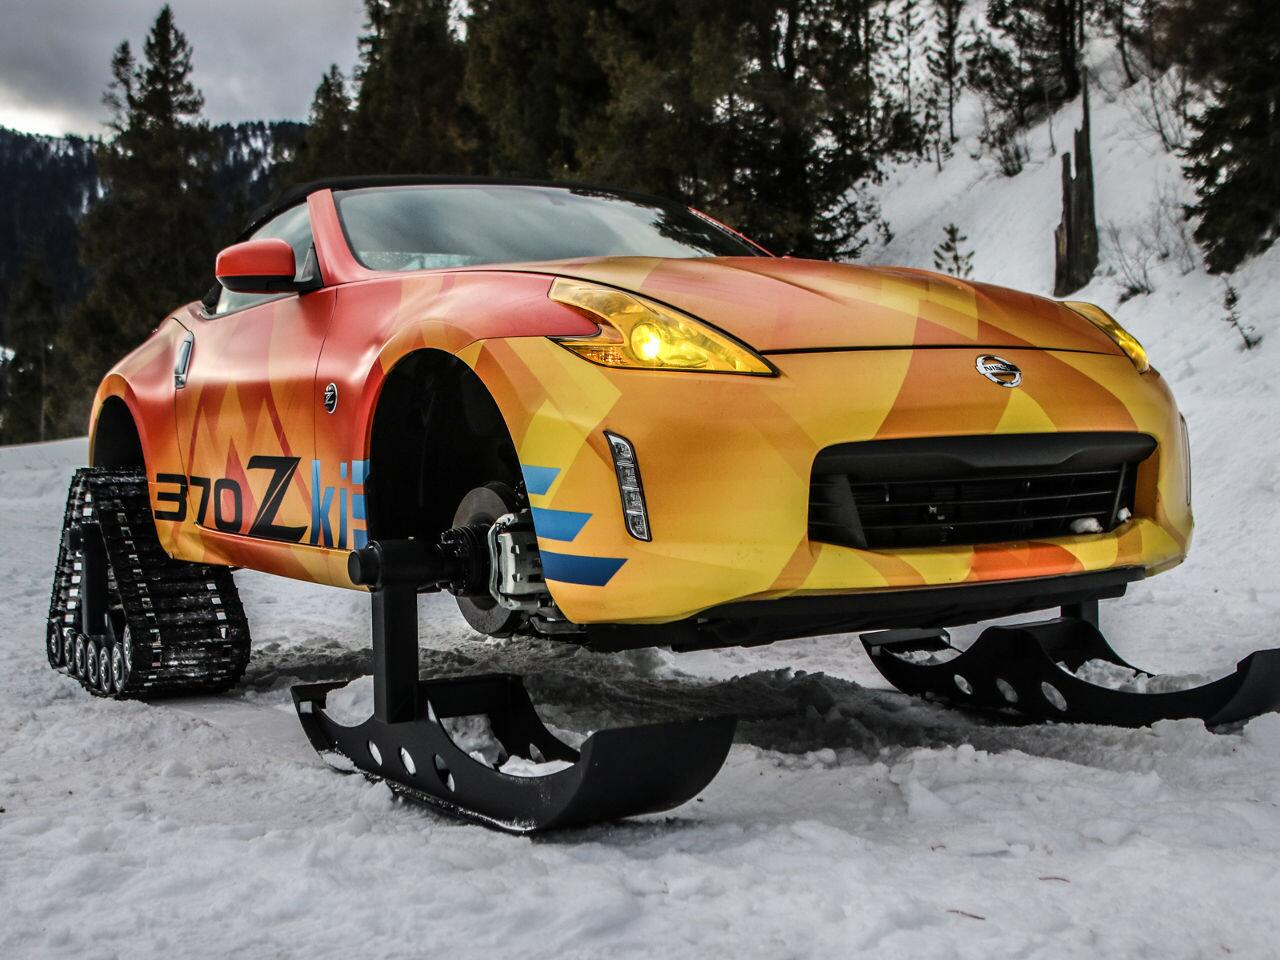 Bild zu Nissan 370 Zki